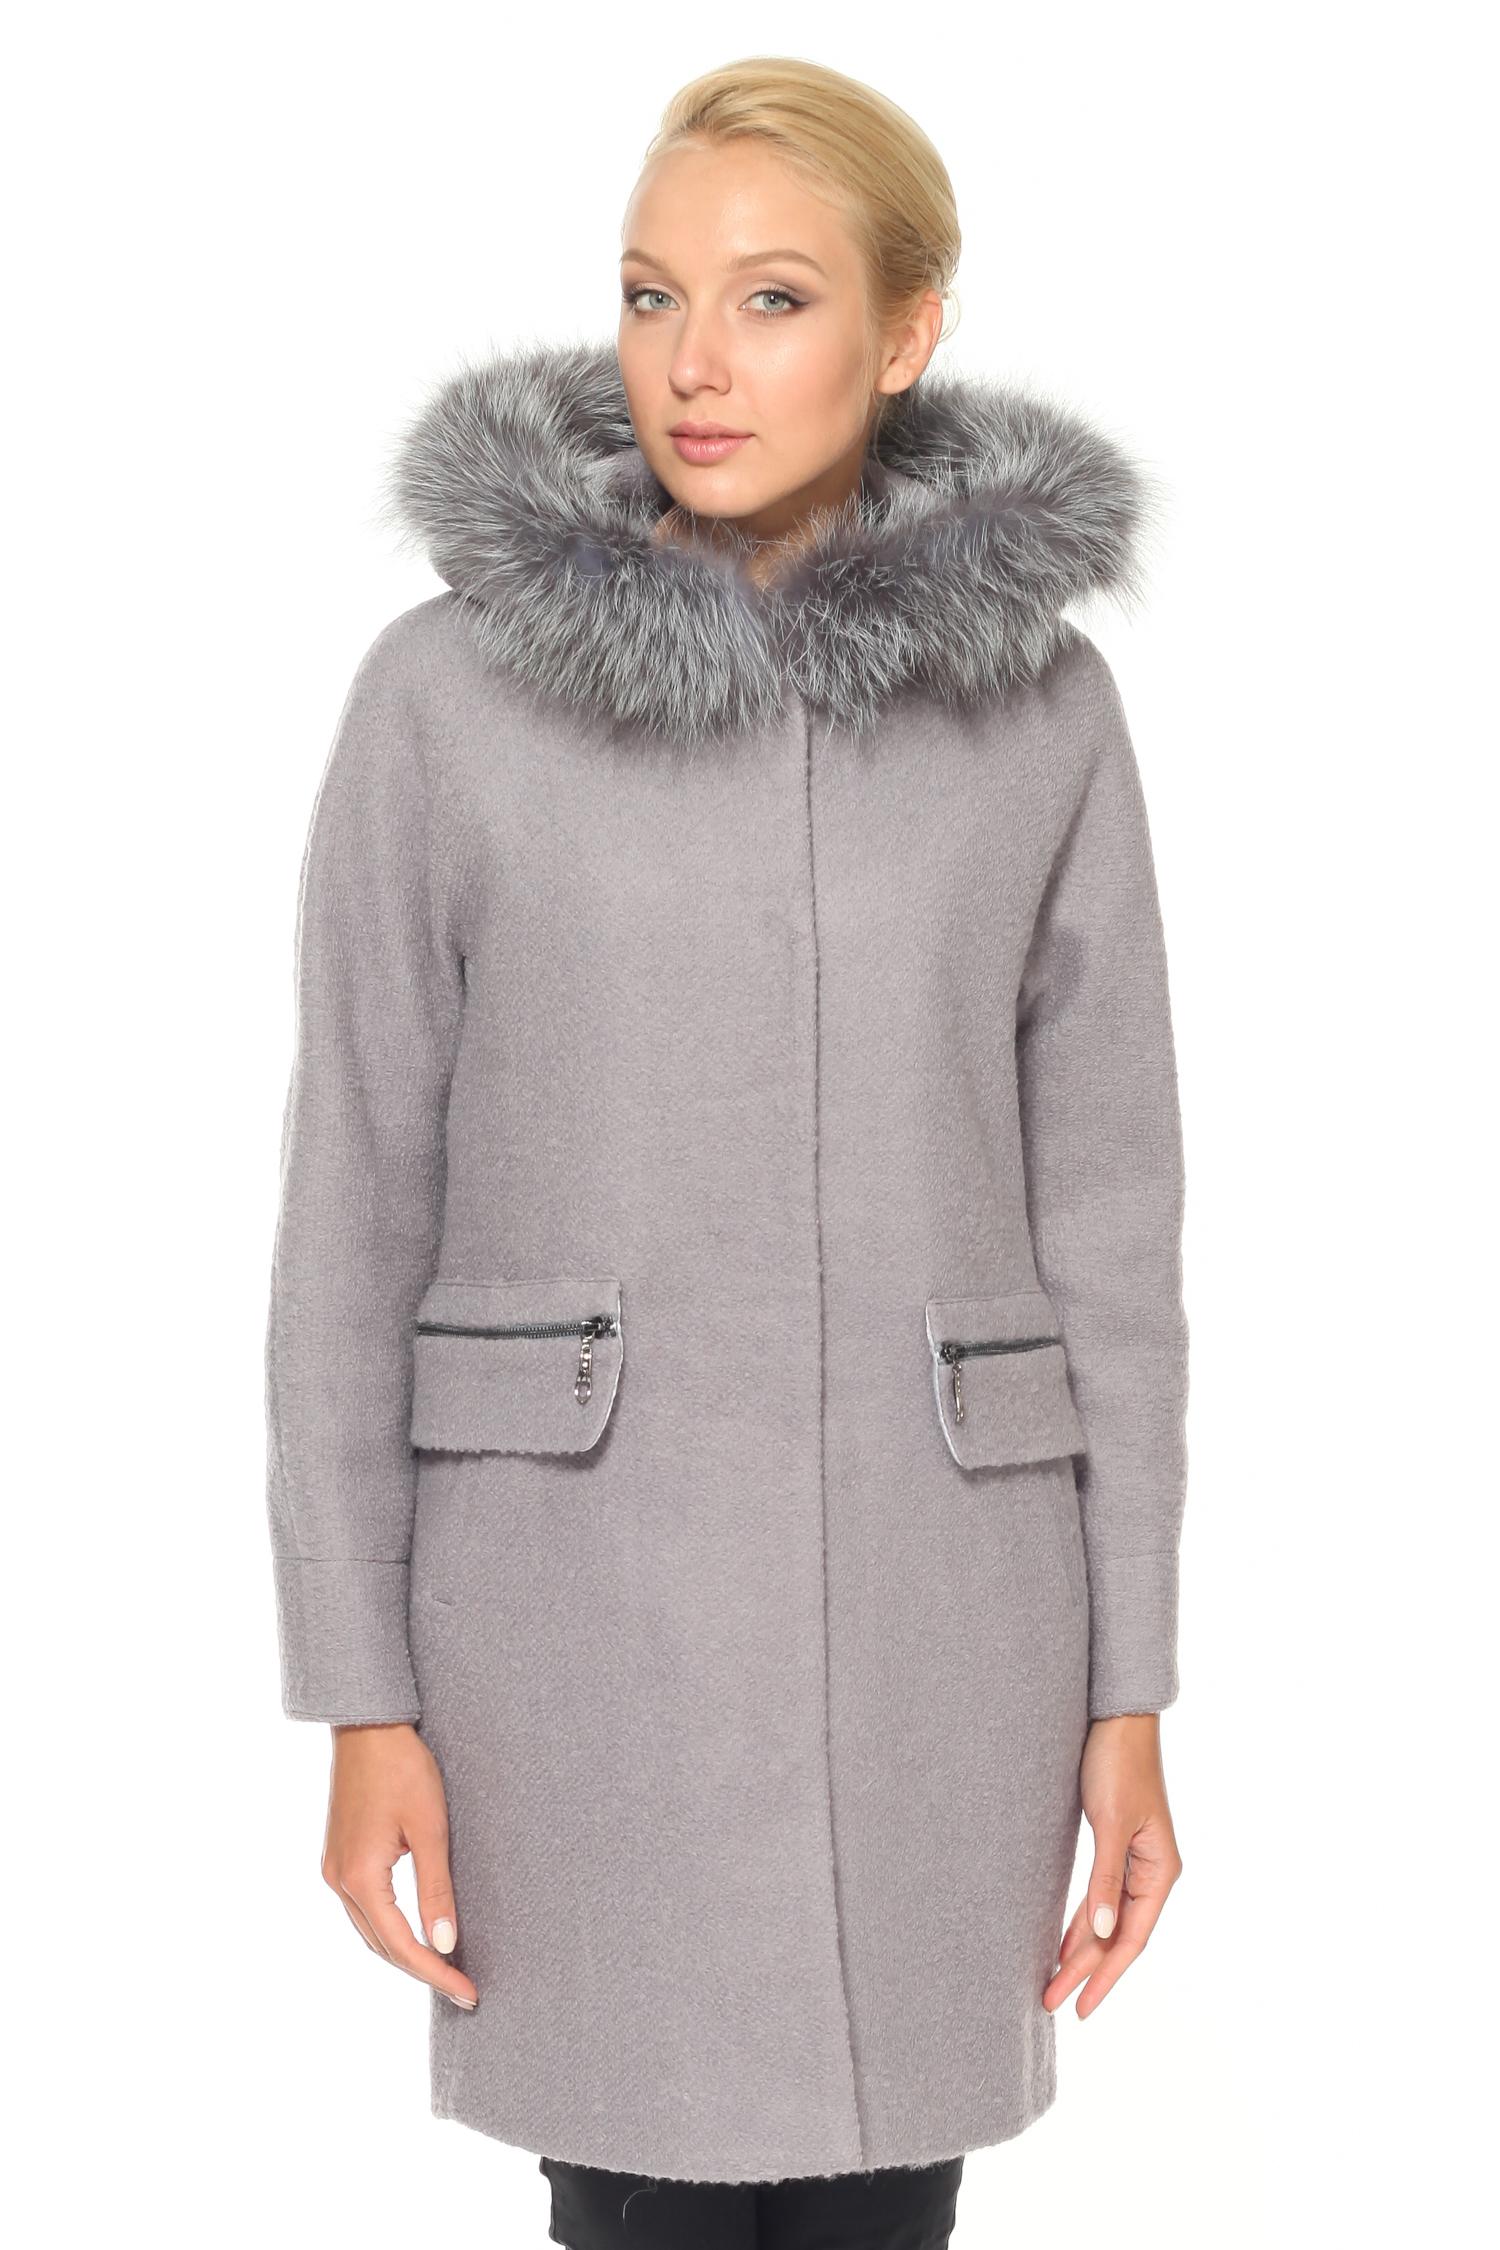 Женское пальто с капюшоном, отделка чернобуркаПальто от Московской меховой компании выполнено из текстиля серого цвета.<br><br>Модель прямого кроя с застежкой на кнопки.<br><br>Детали: несъемный капюшон с отделкой из натурального меха черно-бурой лисы; боковые карманы с застежкой на молнию; подкладка из полиэстера.<br><br>Воротник: капюшон<br>Длина см: Длинная (свыше 90)<br>Материал: Комбинированный состав<br>Цвет: серый<br>Вид застежки: центральная<br>Застежка: на кнопки<br>Пол: Женский<br>Размер RU: 50